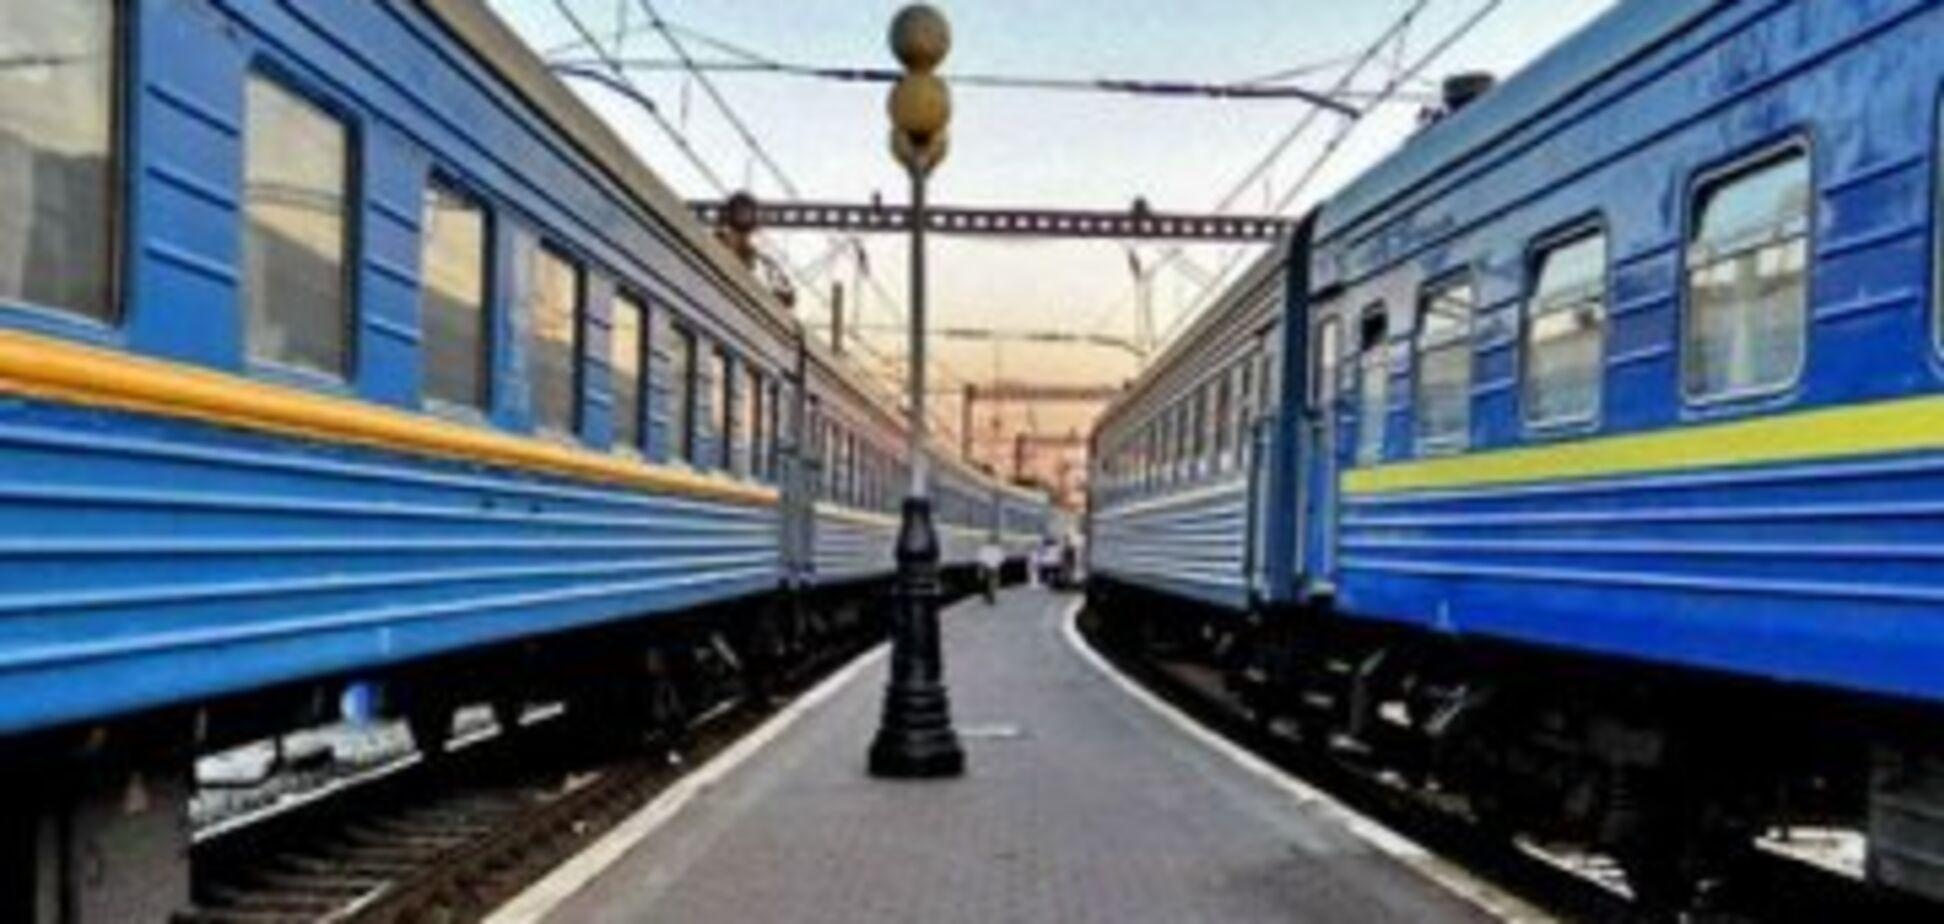 'Это гроб и кладбище': в сети рассказали о садистских условиях в поездах 'Укрзалізниці'